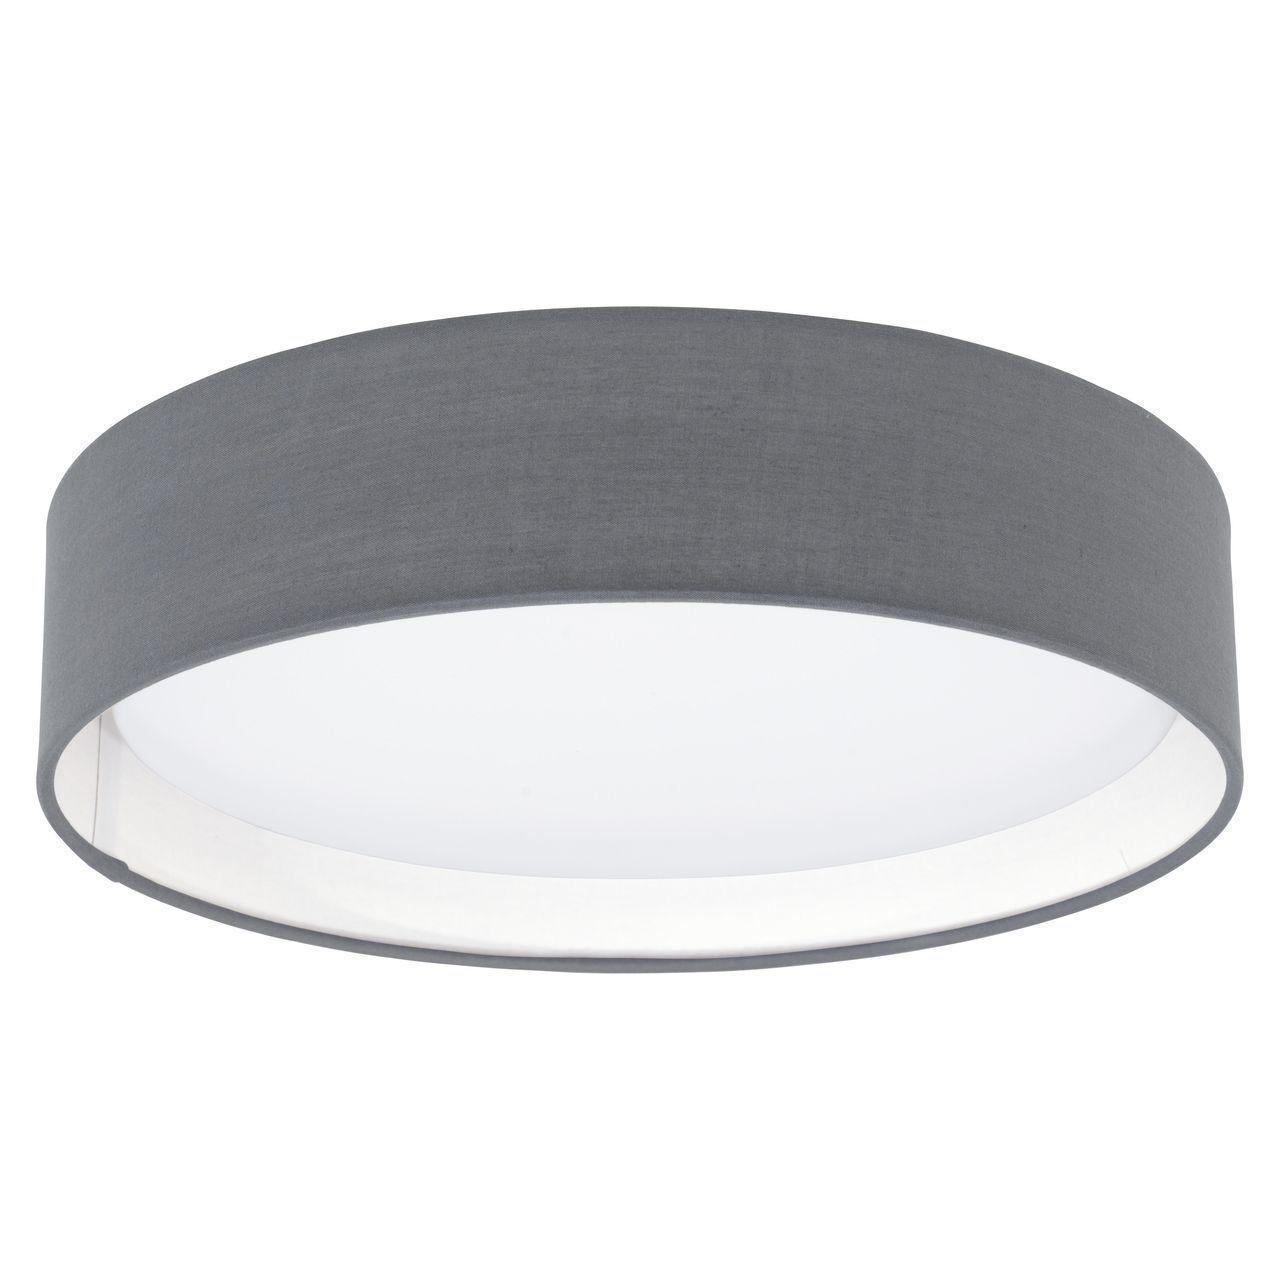 Потолочный светильник Eglo Pasteri 31592 потолочный светильник eglo pasteri 96366